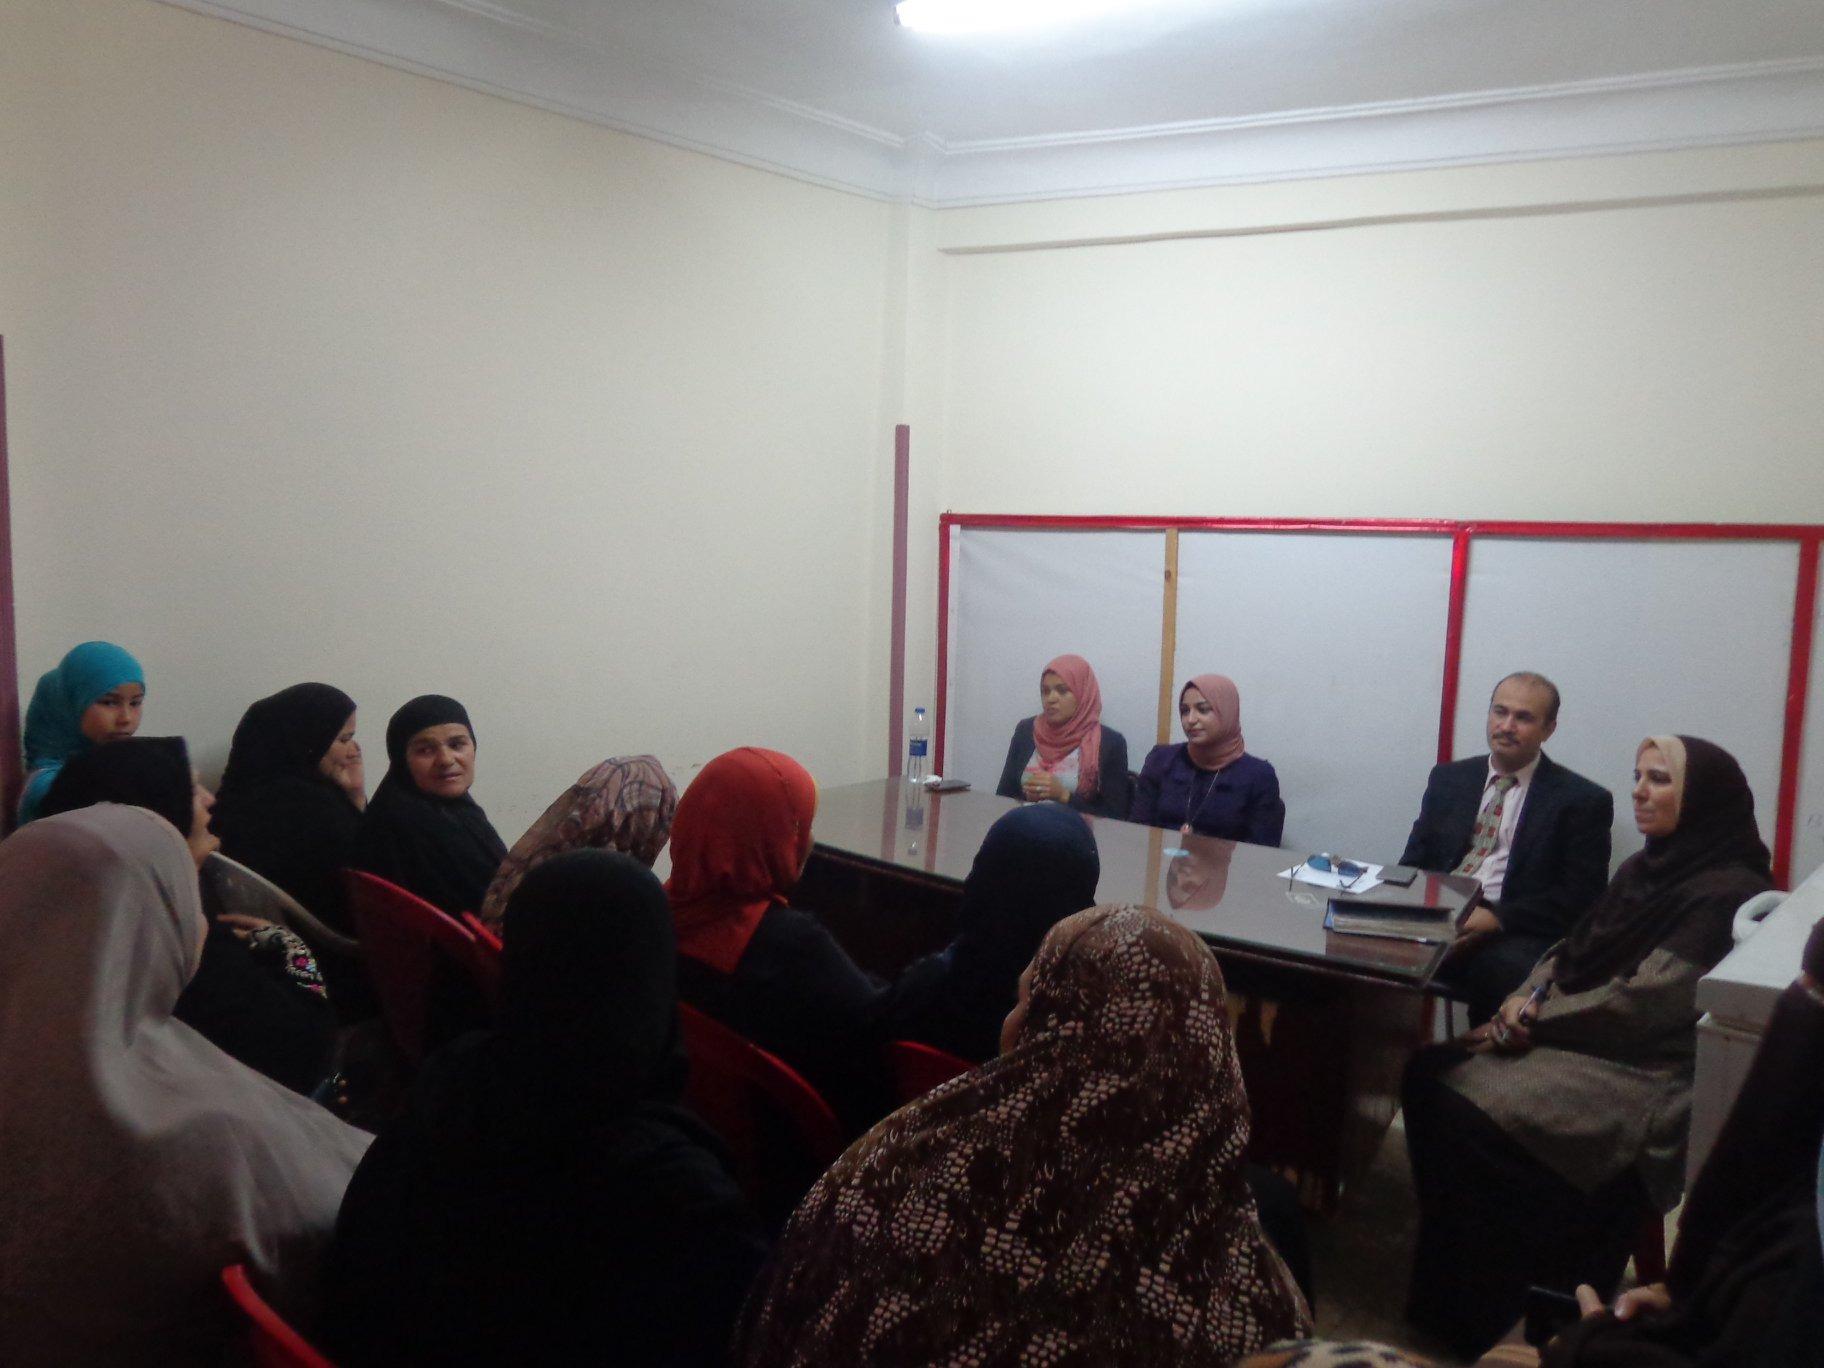 جامعة المنوفية تنظم قوافل لـ«سرس الليان» للتوعية بالغذاء الصحي في رمضان